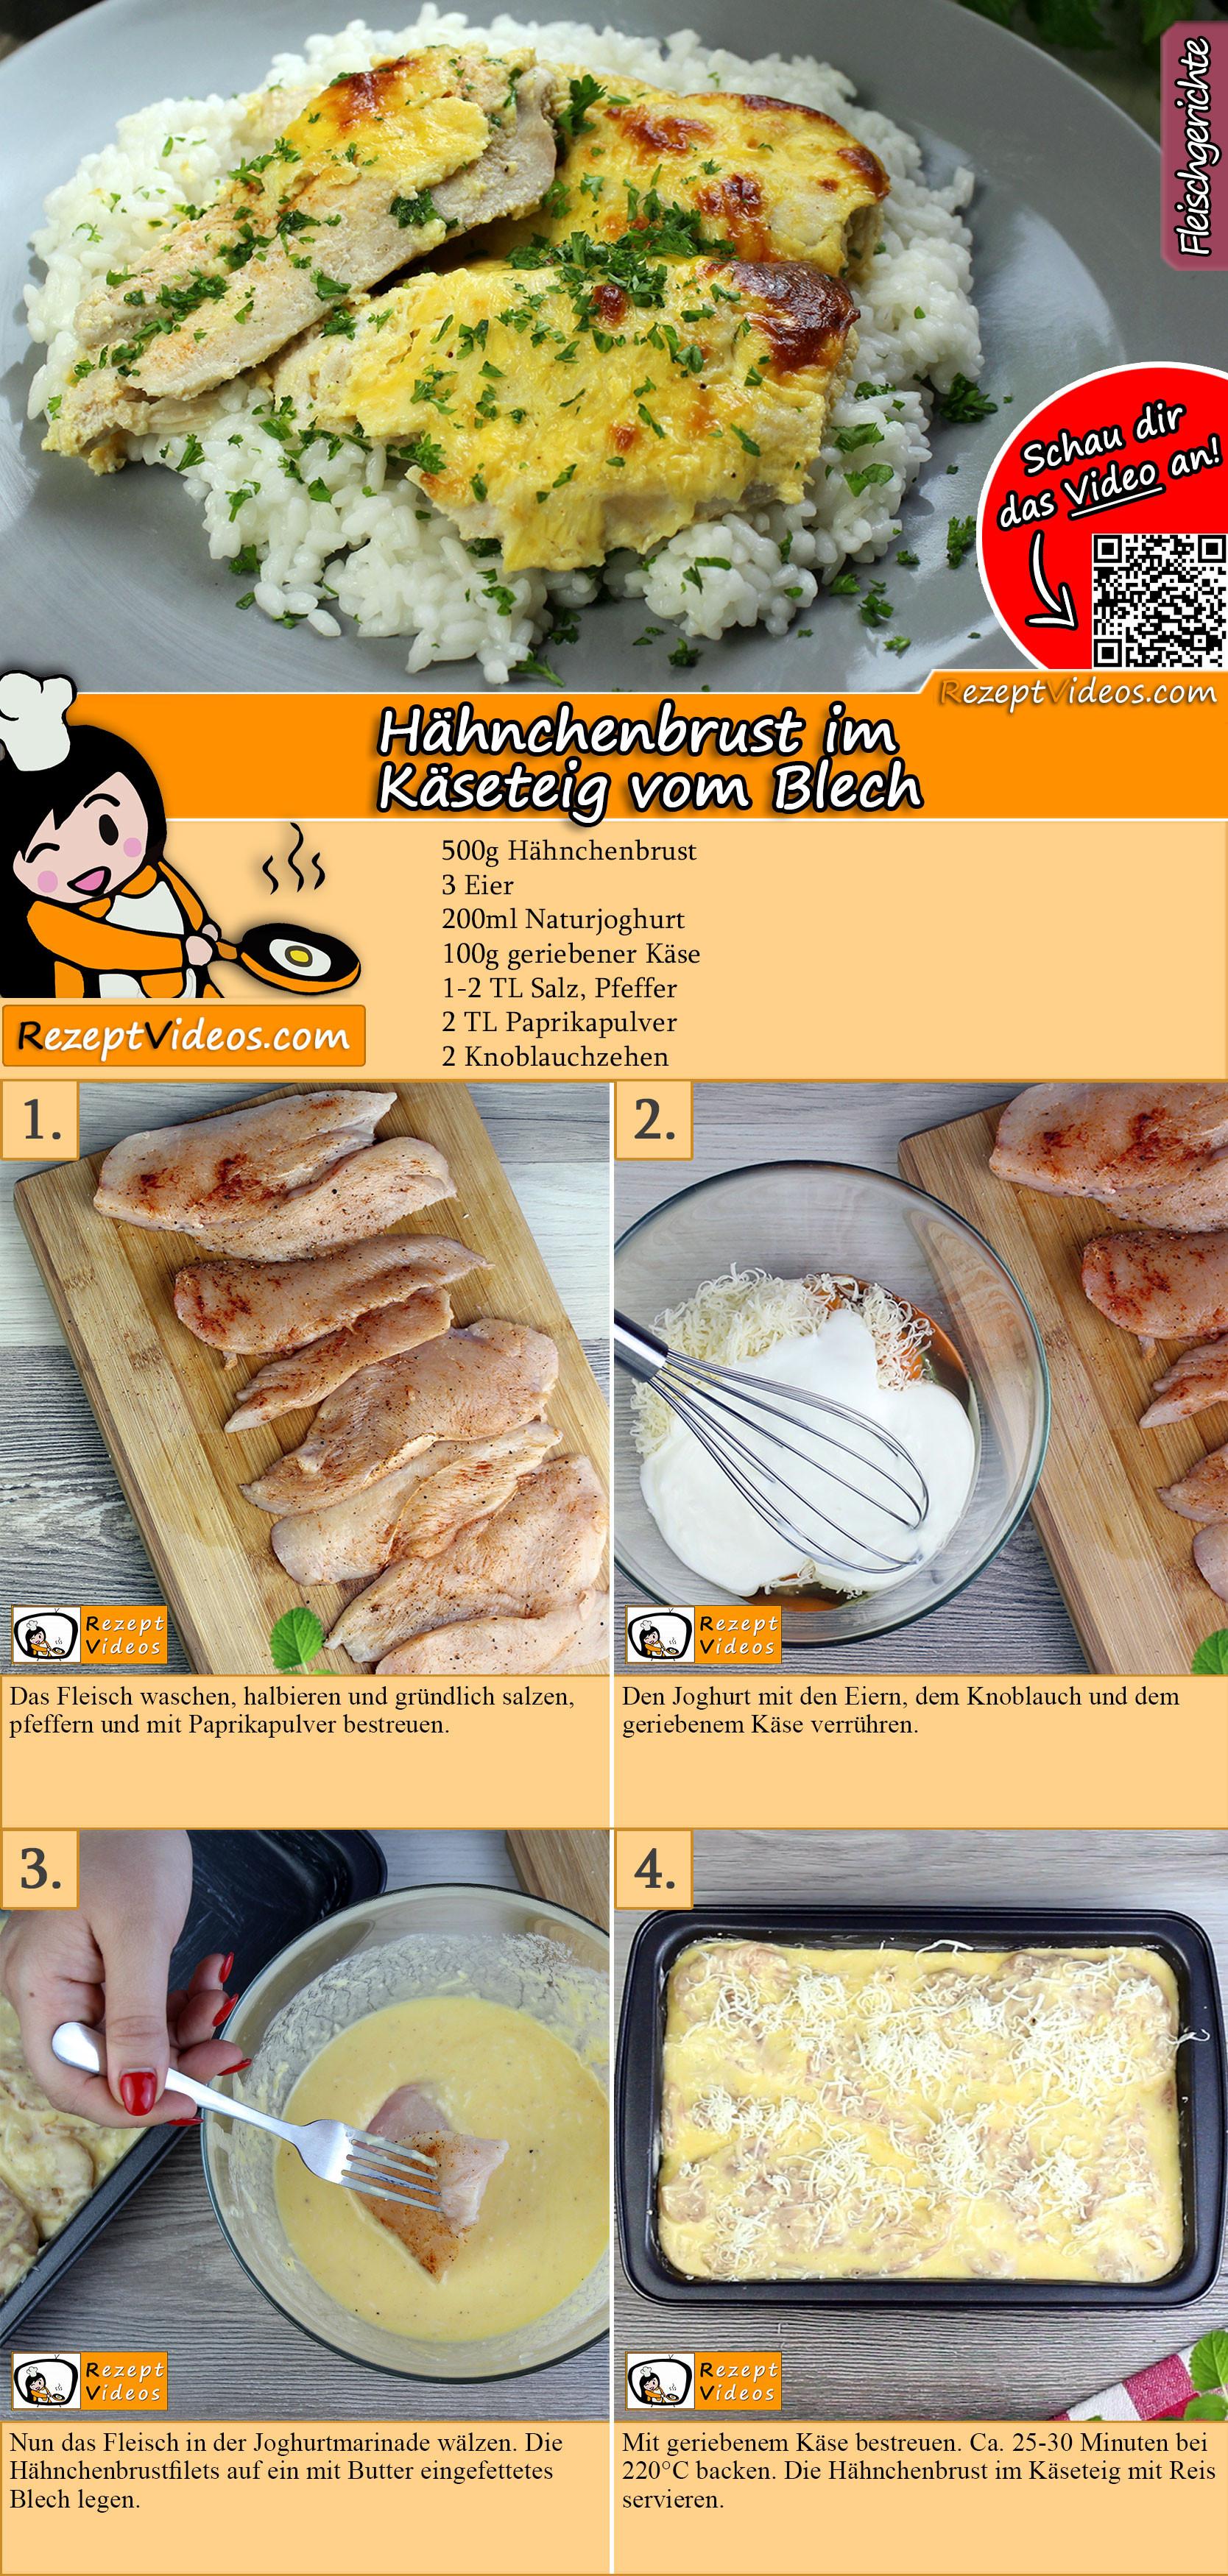 Hähnchenbrust im Käseteig vom Blech Rezept mit Video